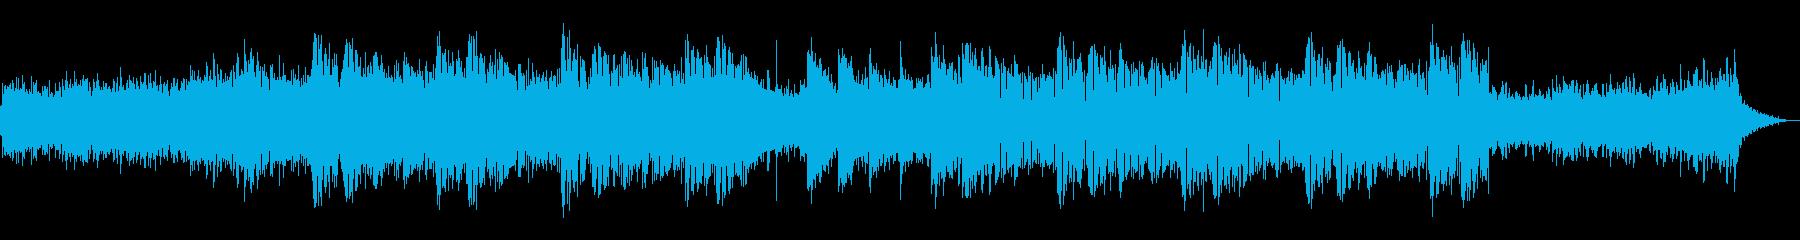 雨!アンビエントLo-fi HipHopの再生済みの波形